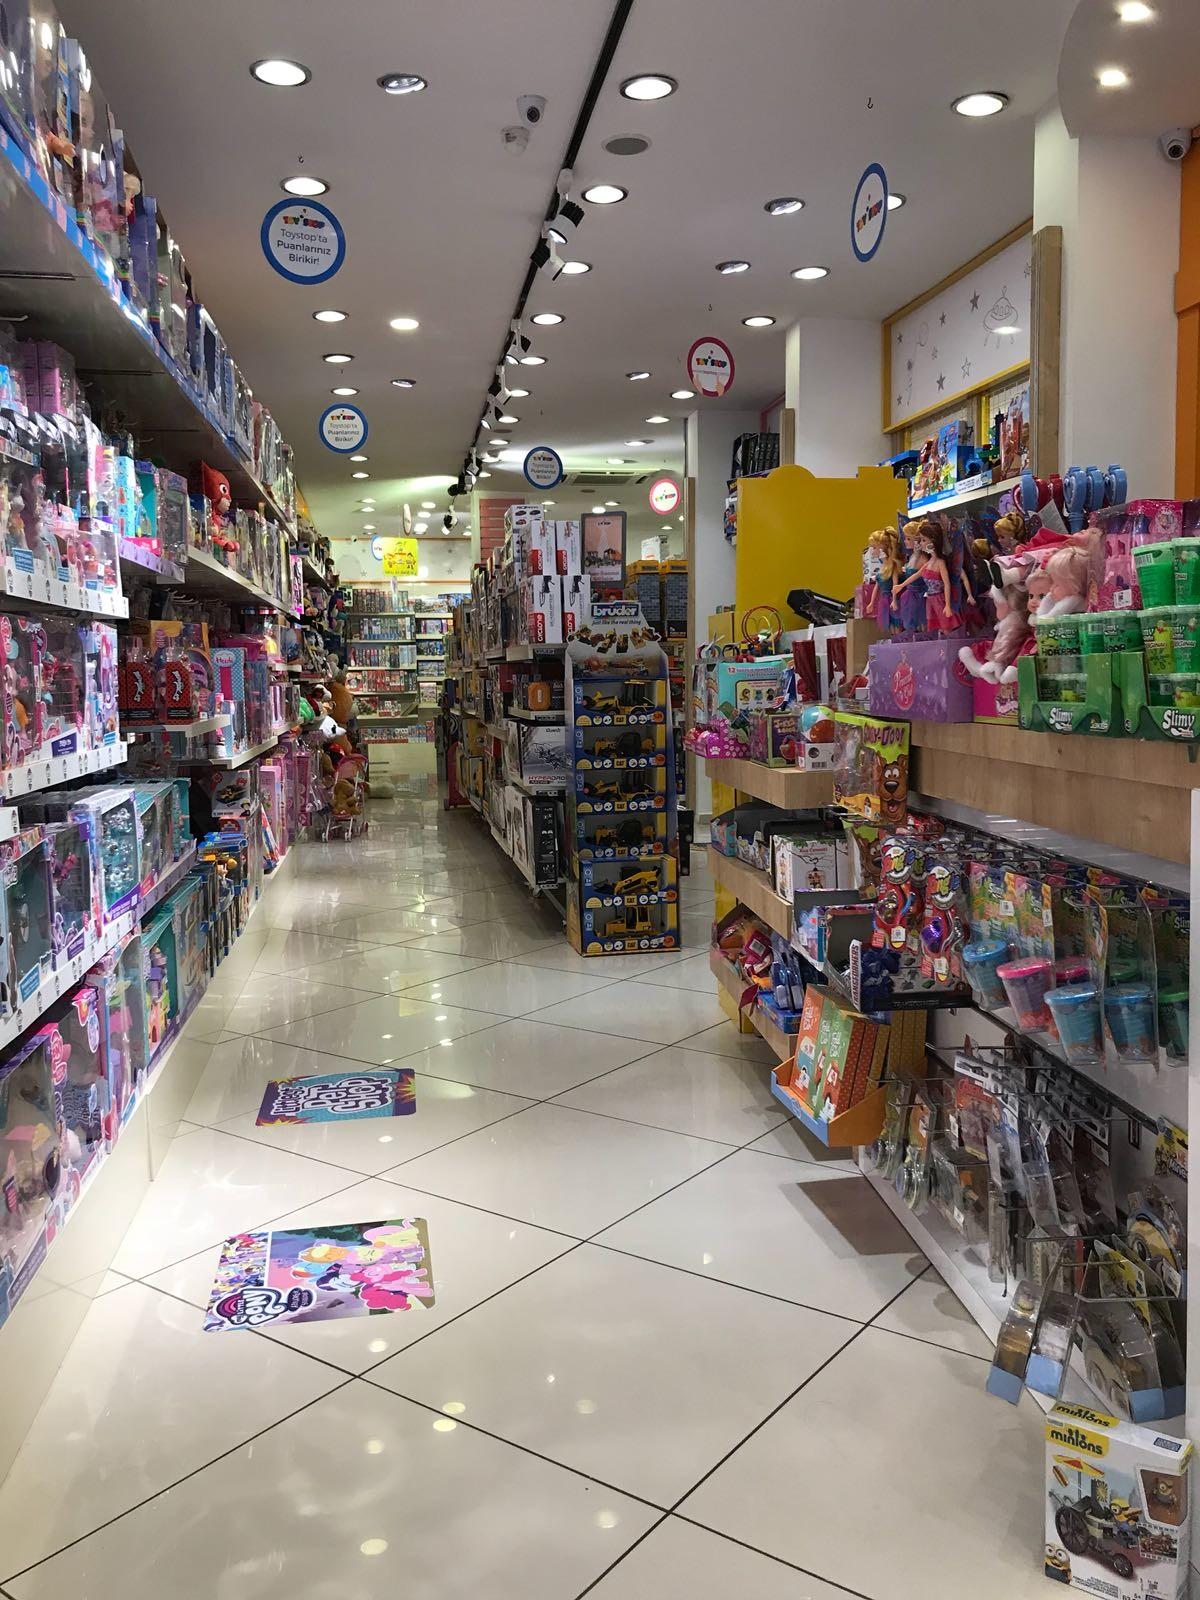 İzmir'de Oyuncak Toystop'tan Alınır !